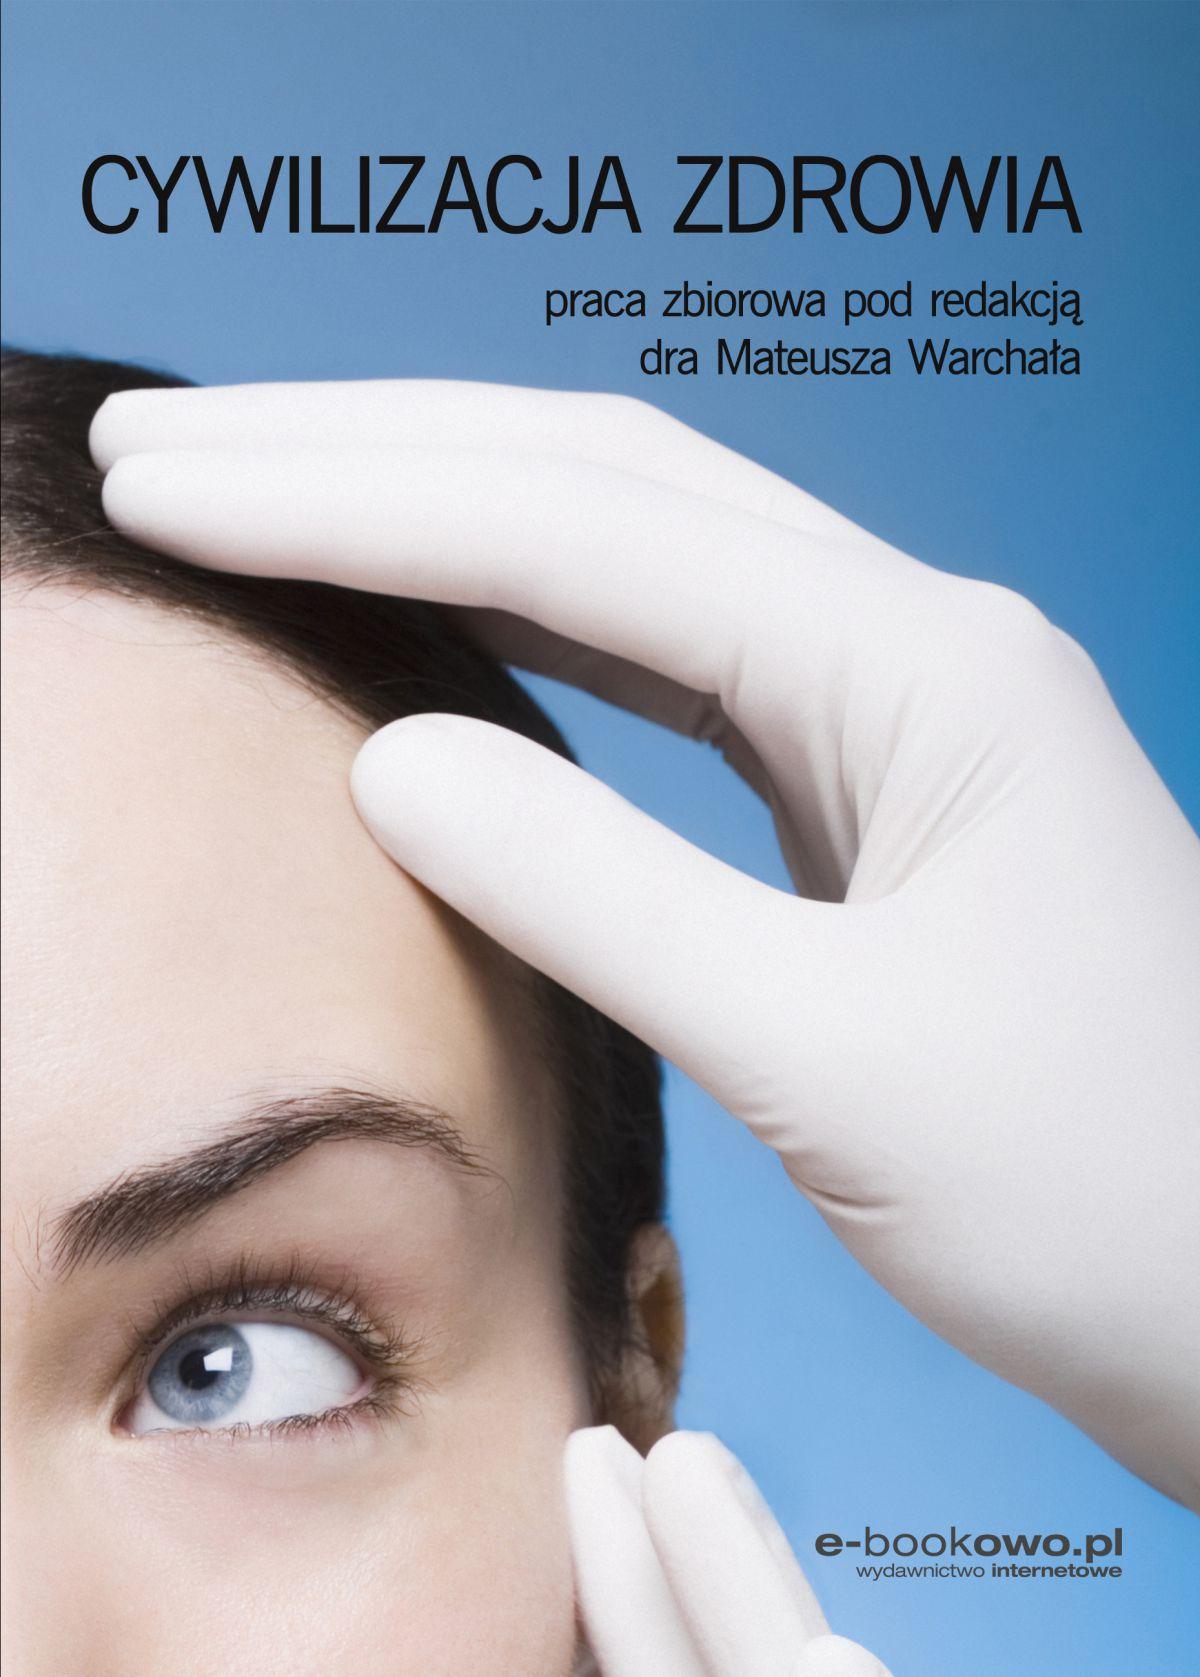 Cywilizacja zdrowia - Ebook (Książka PDF) do pobrania w formacie PDF